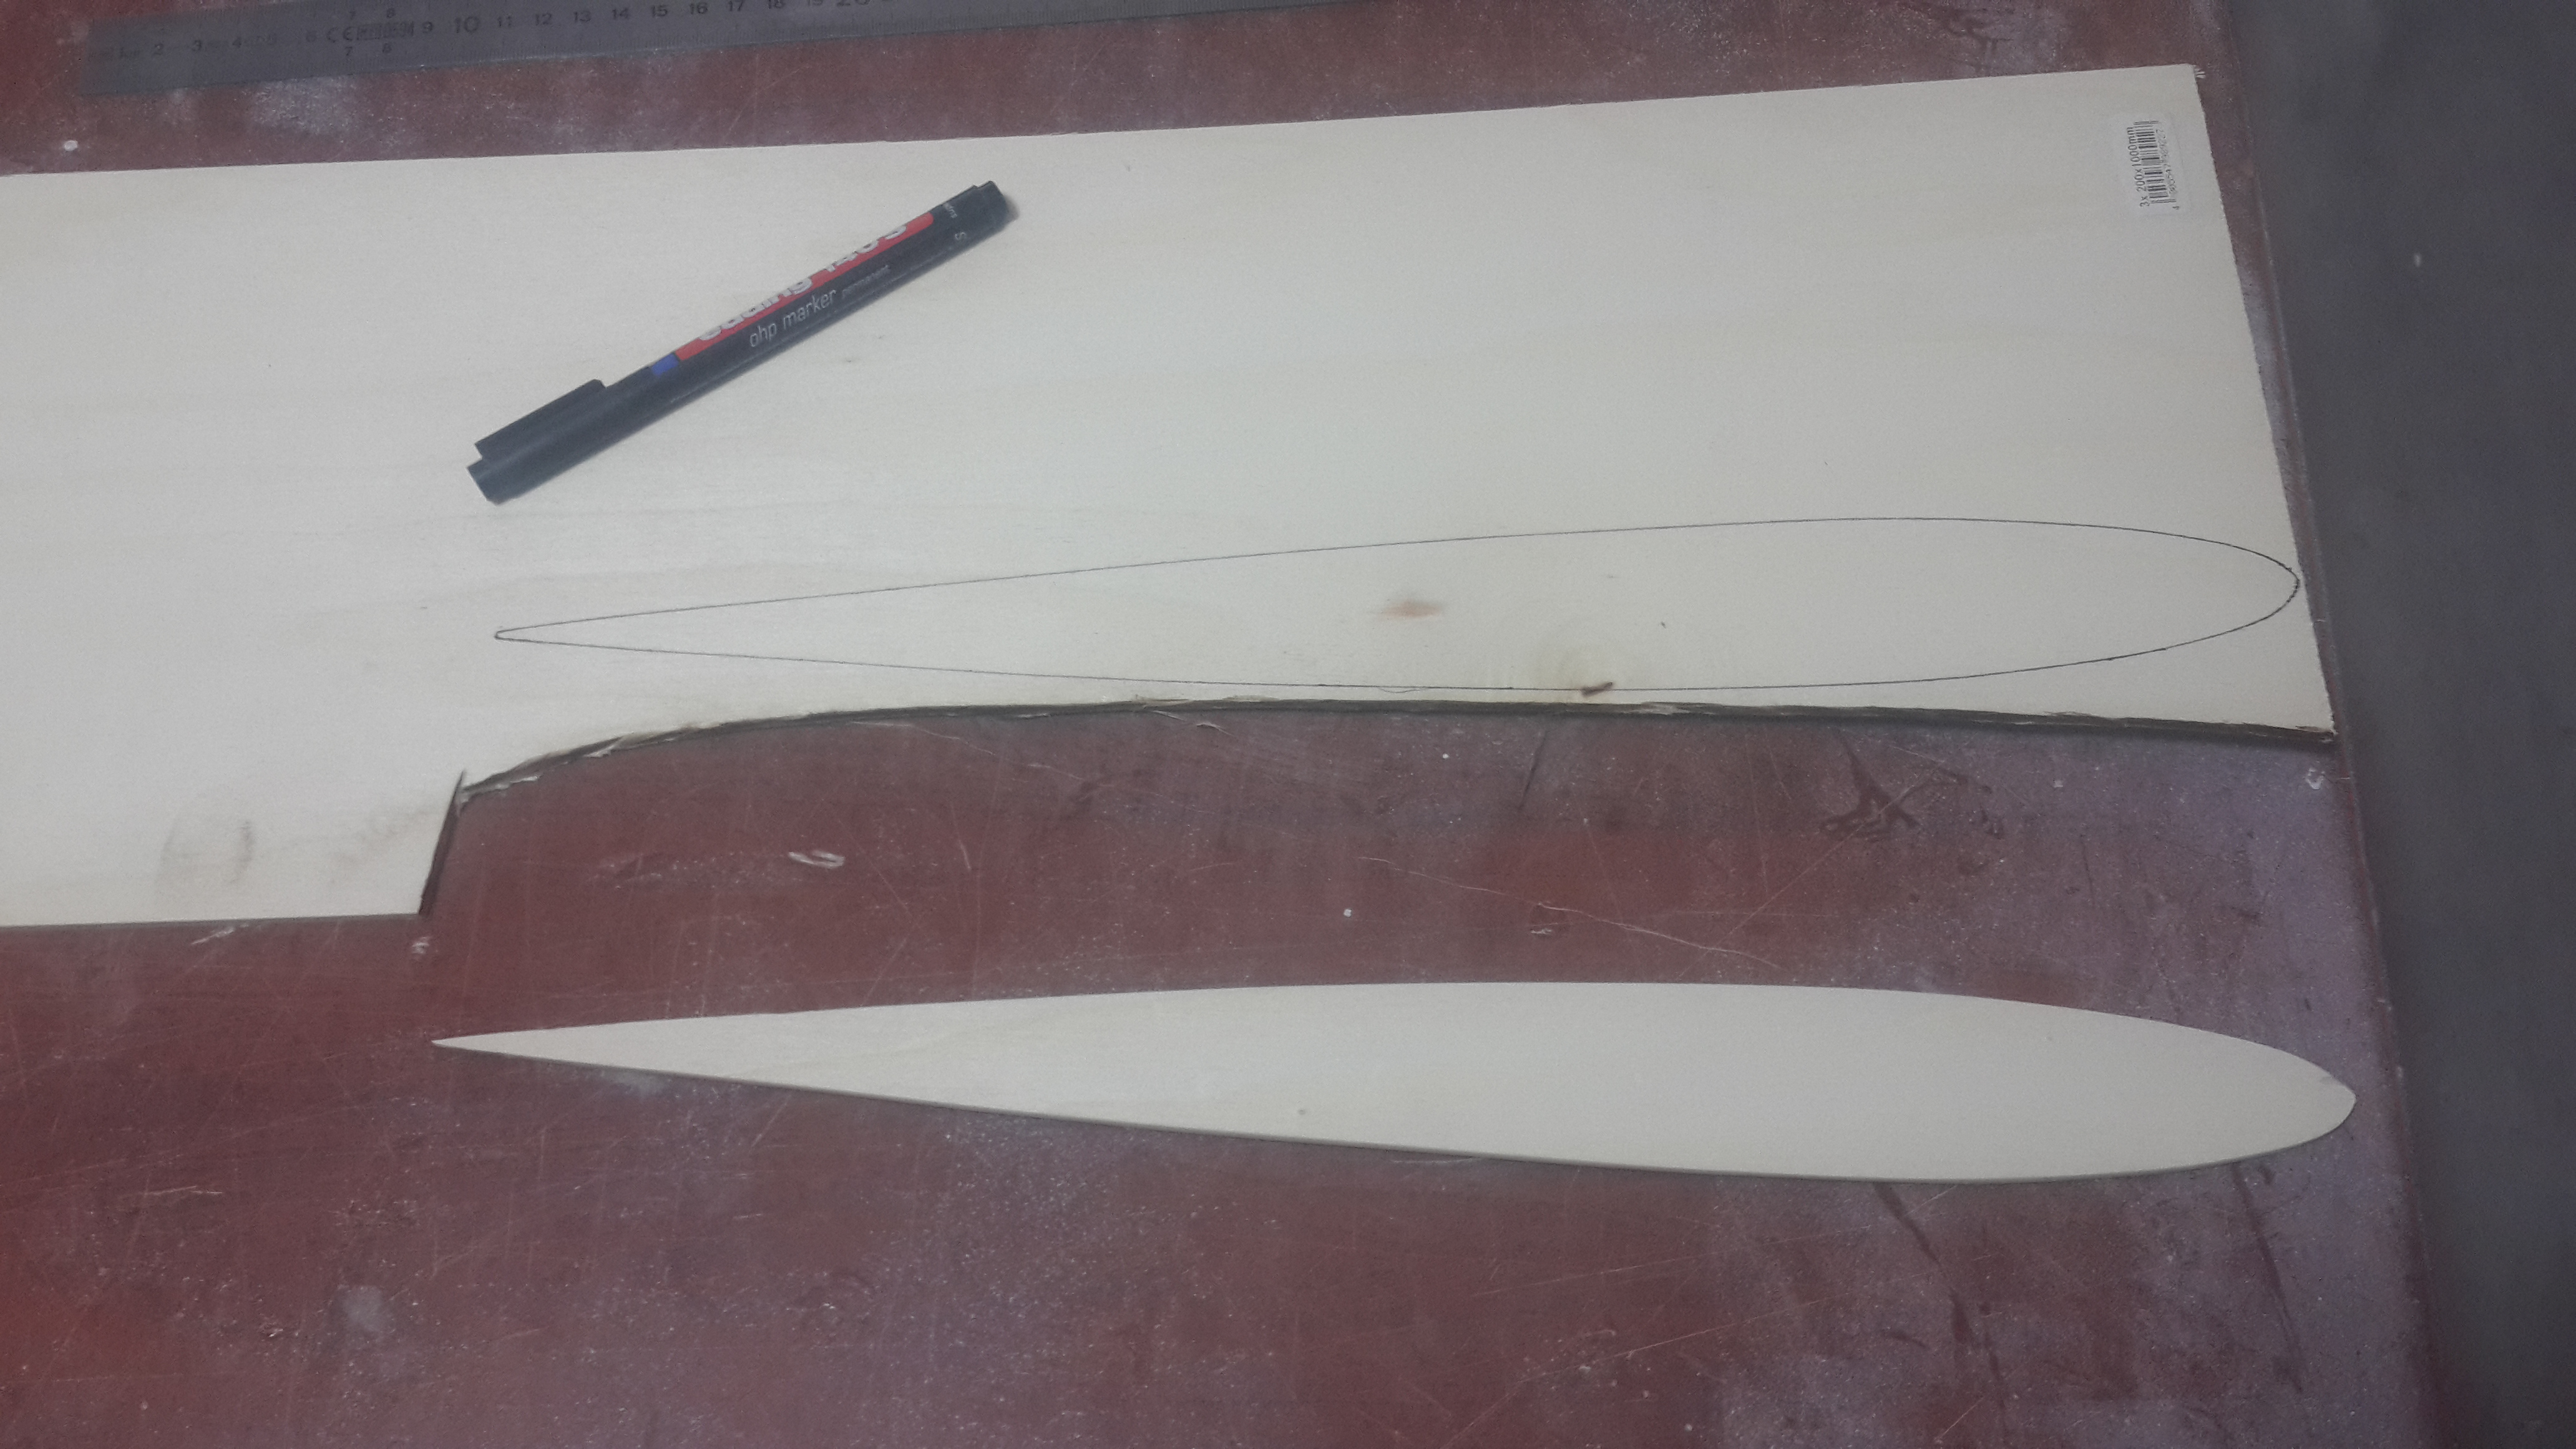 Pilon için şablon hazırlığı